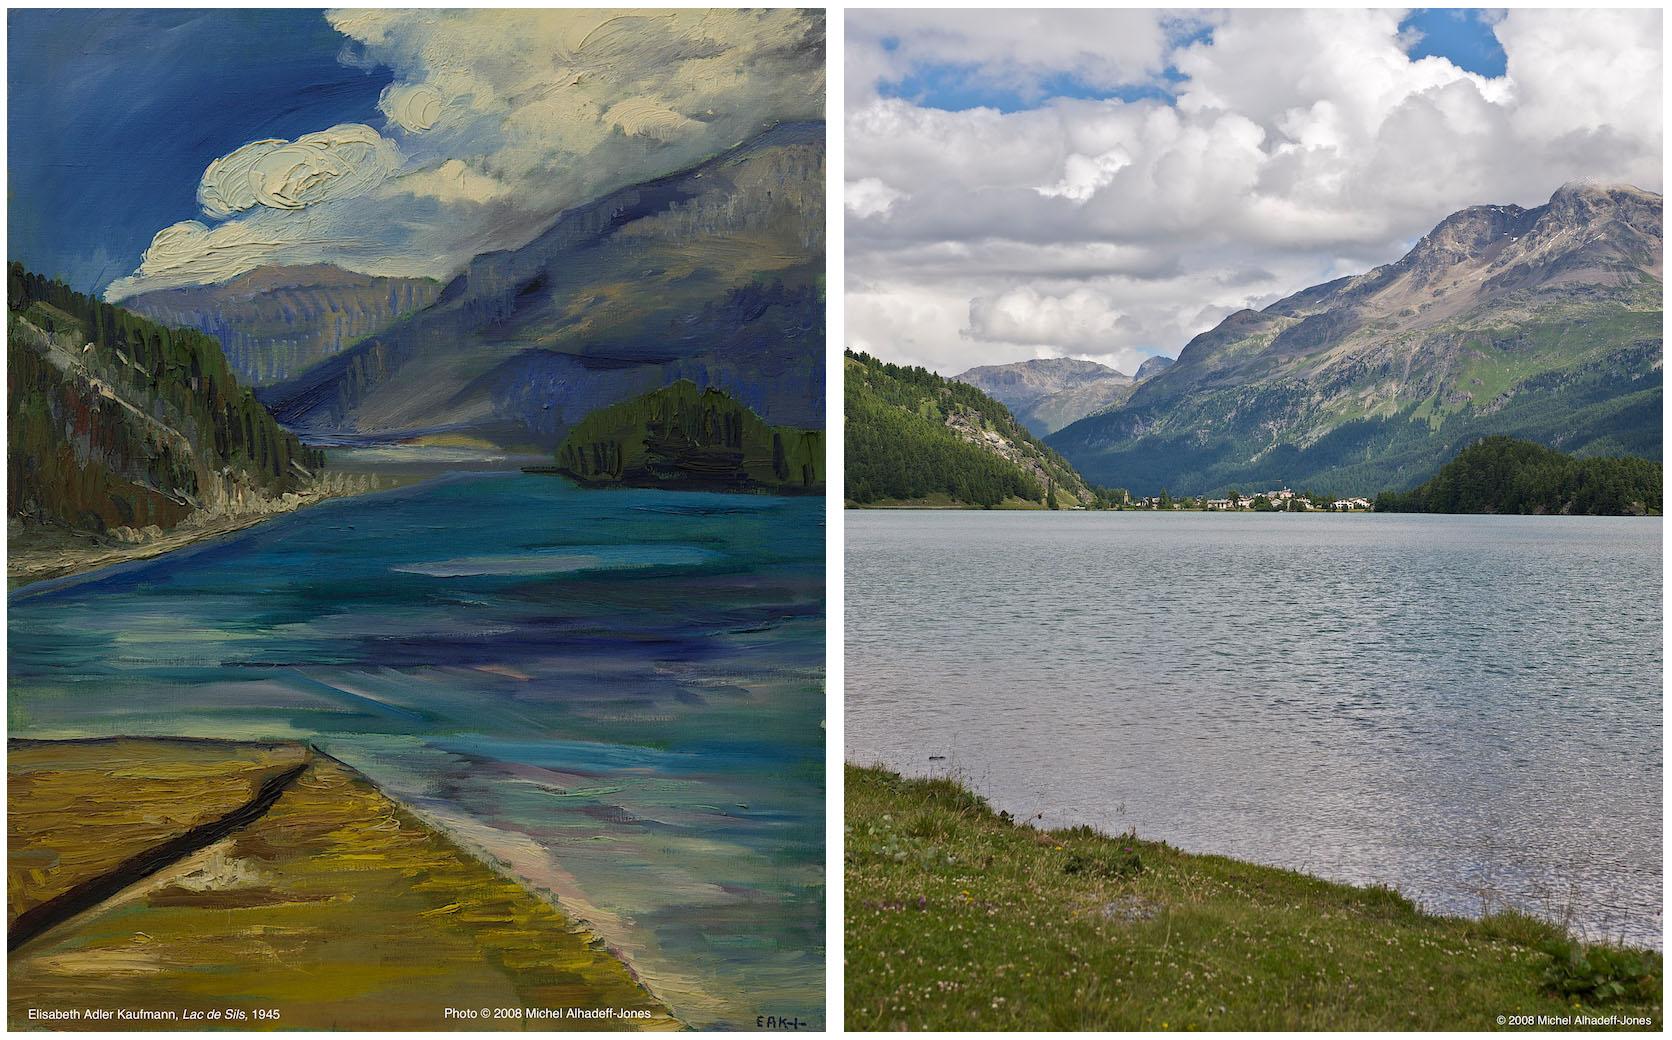 Lac de Sils, Plaun de Leg, 1945 / 2008